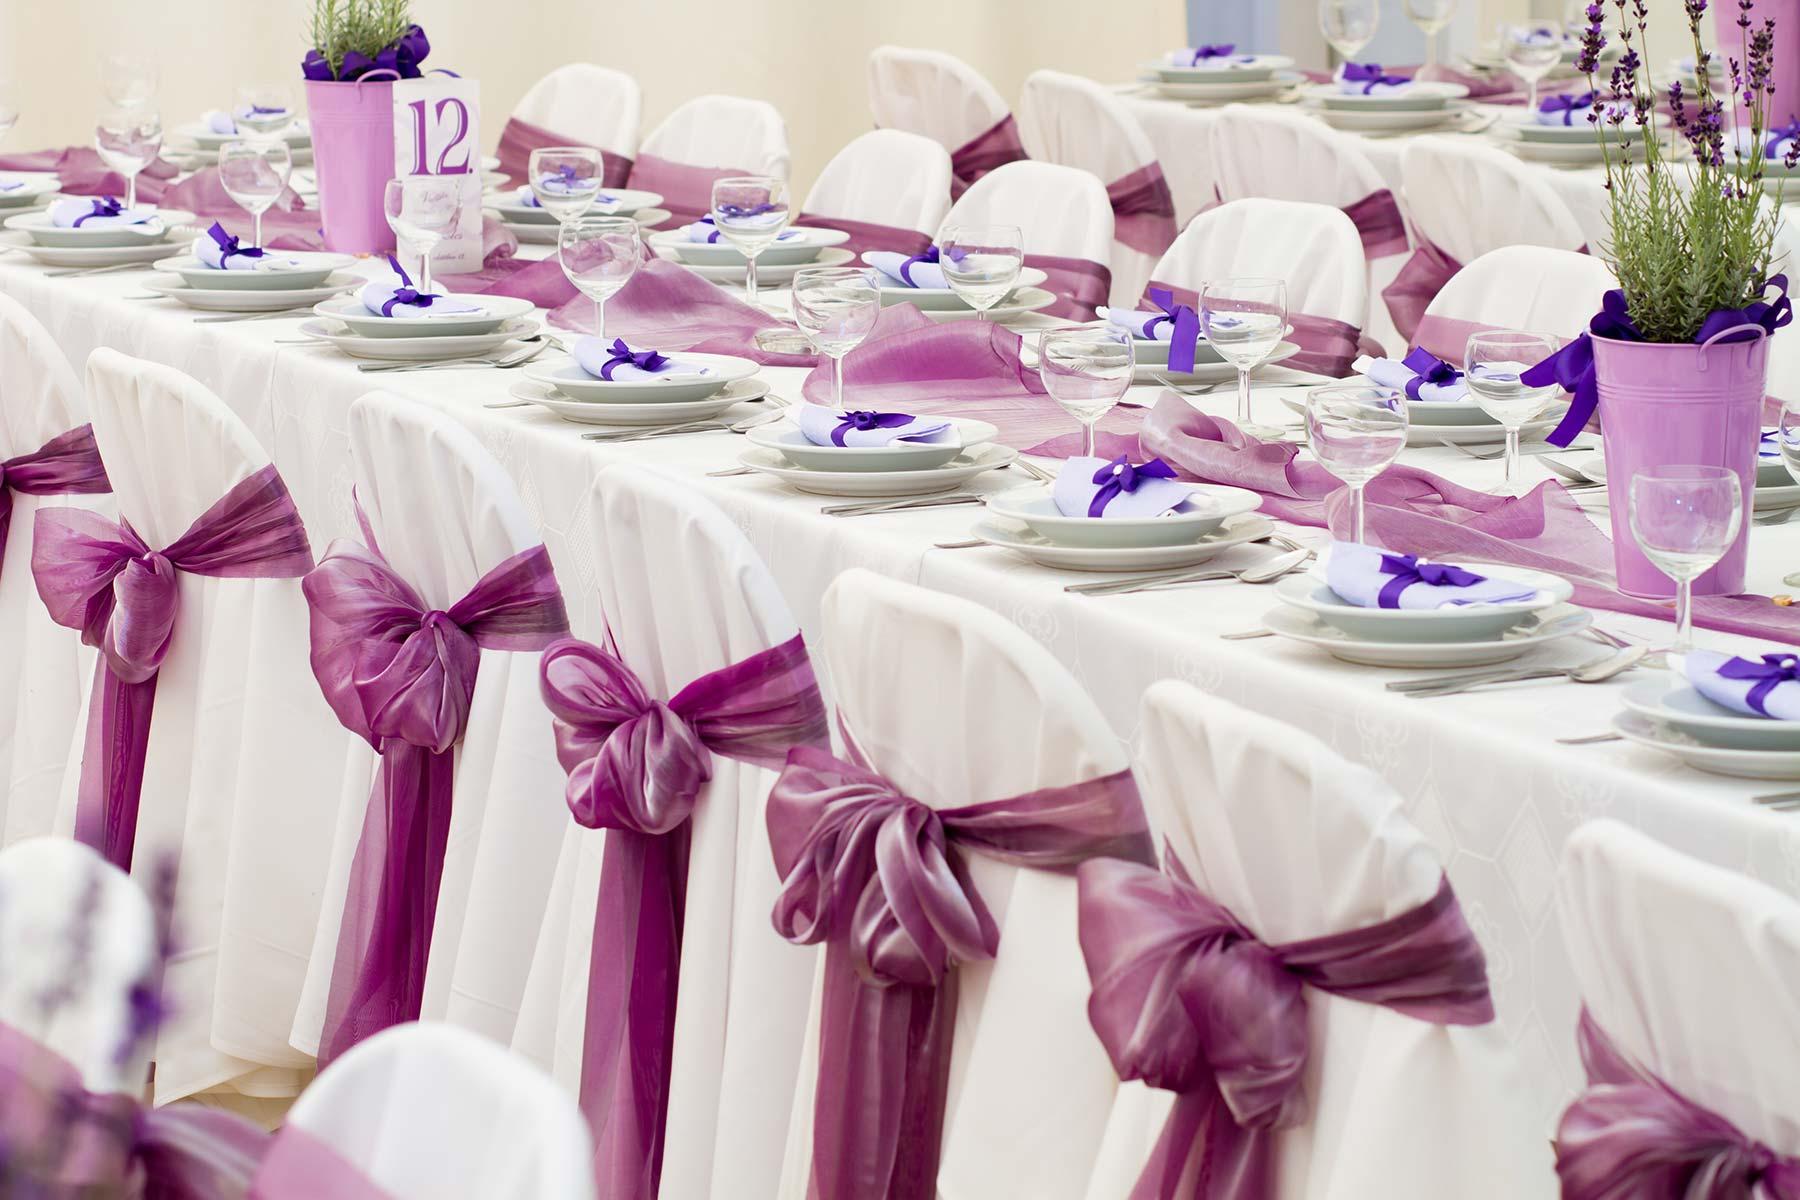 Stuhlschleifen Als Dekoration Bei Der Hochzeitsfeier Liebe Zur